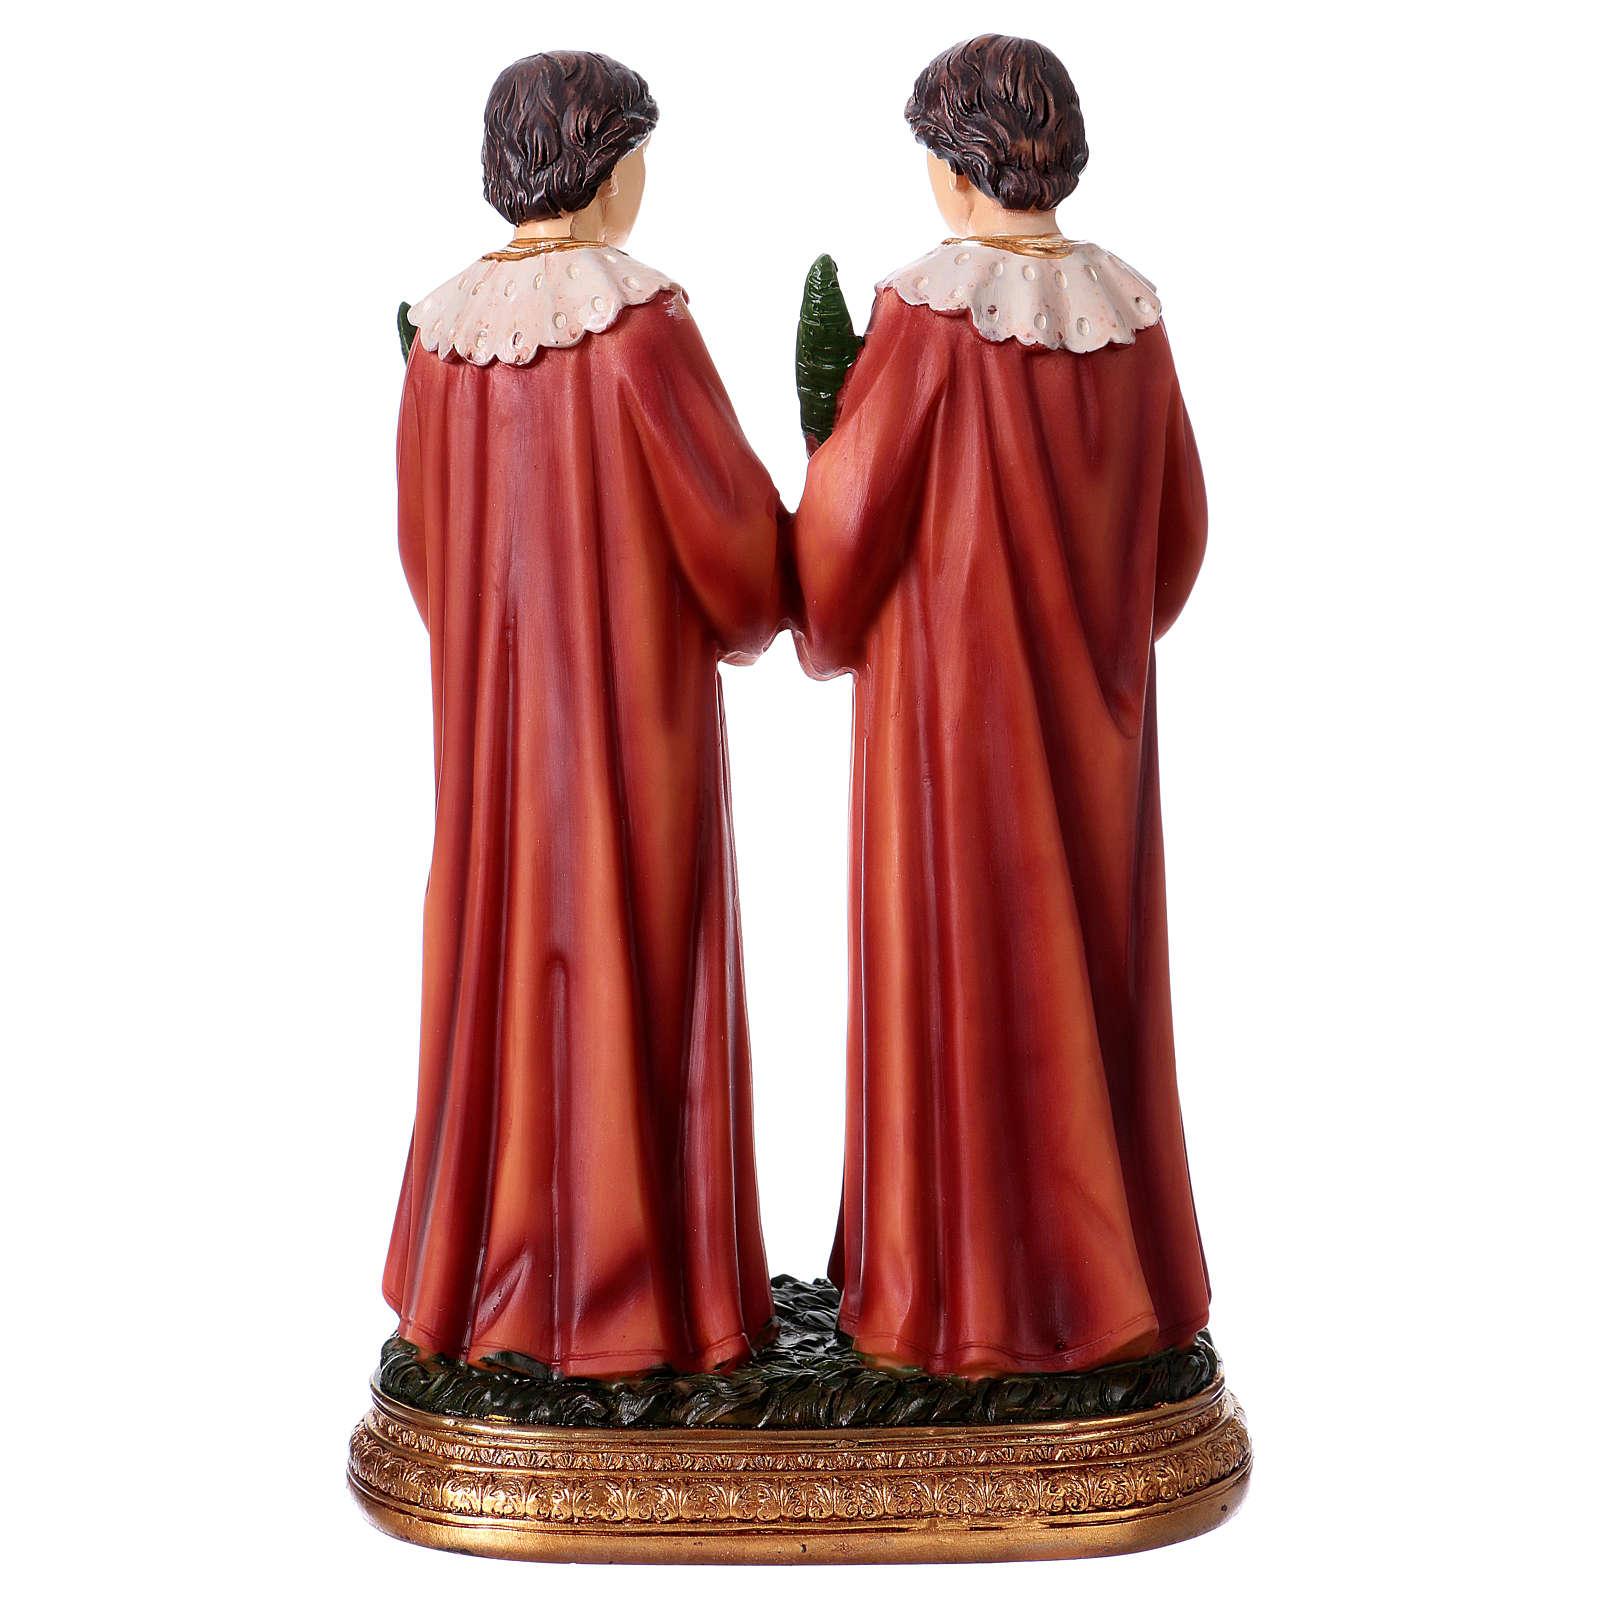 Kosma i Damian figura 20 cm żywica 4